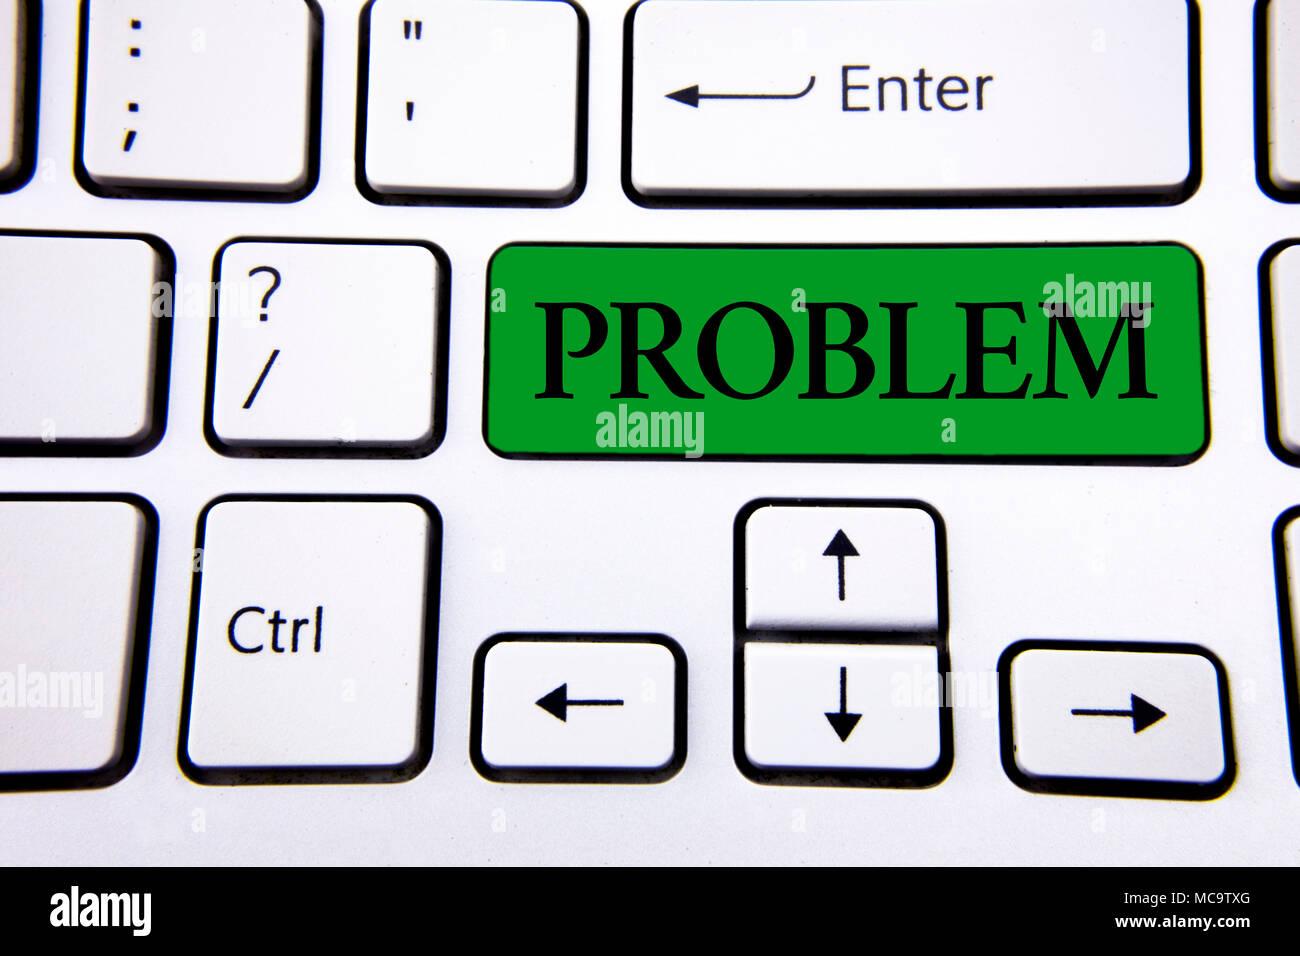 Texte de l'écriture Problème d'écriture. Le concept de sens qui doivent être résolus Situation difficile Complication written touche Verte Blanc Bouton Keybo Photo Stock